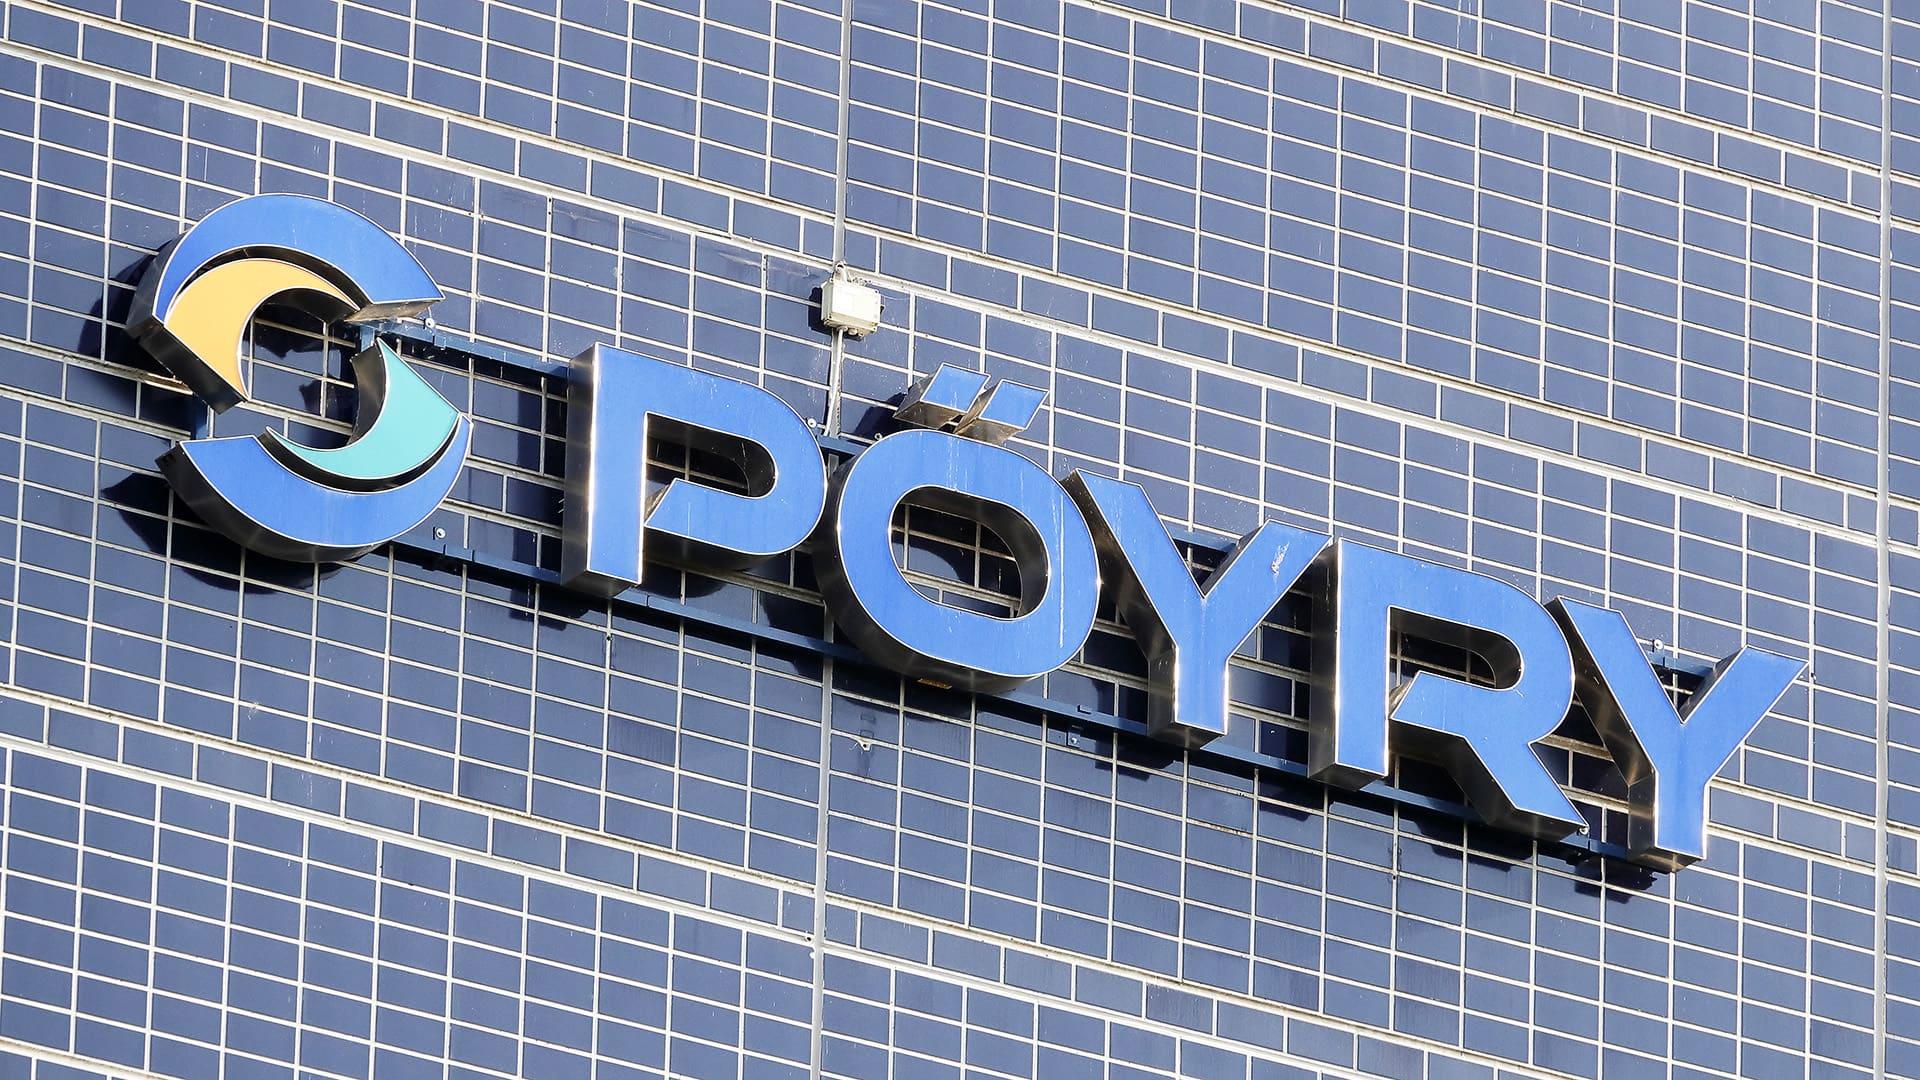 Pöyryn logo.